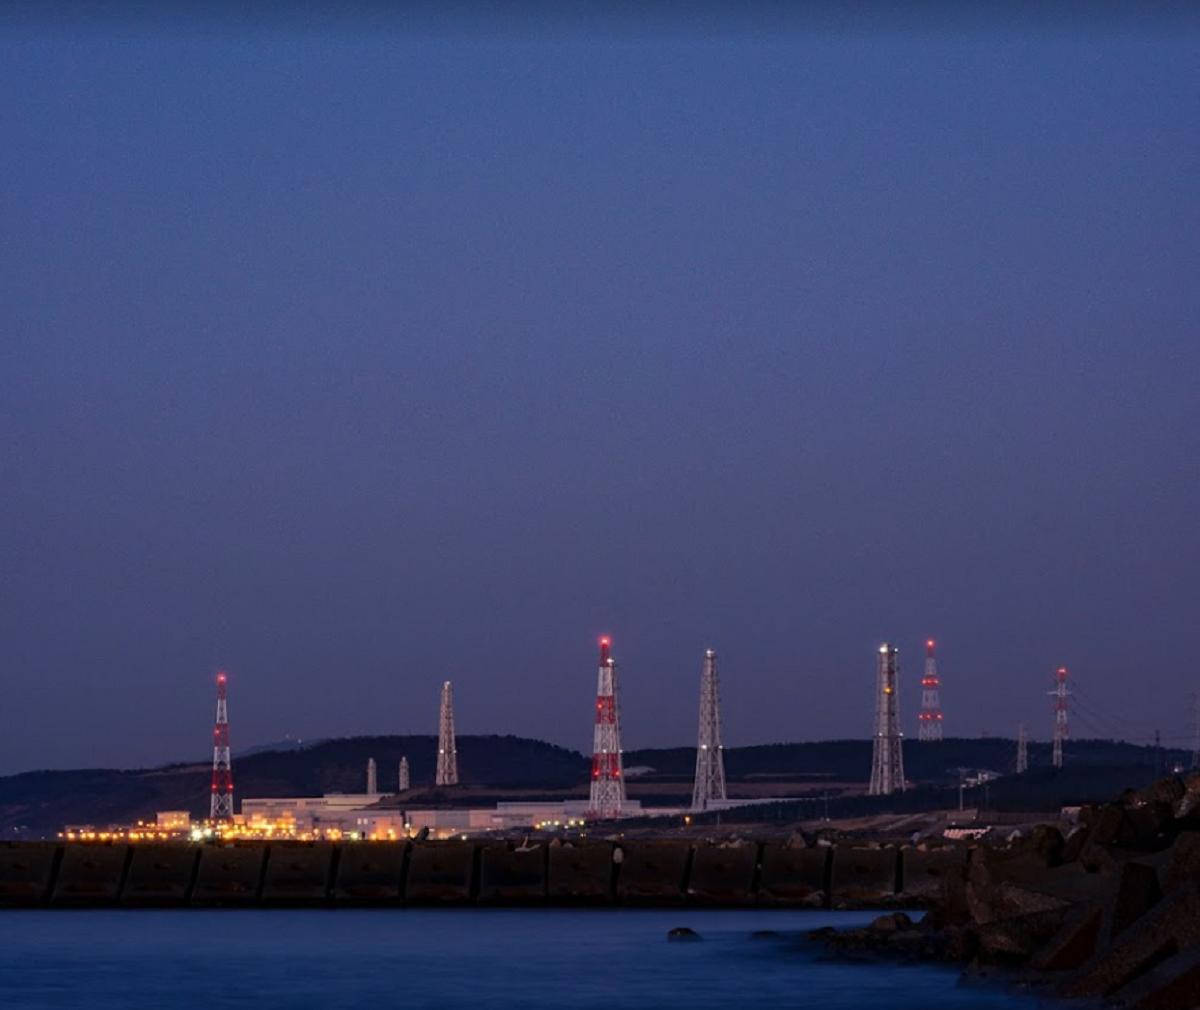 原子力規制委員会、柏崎刈羽原発の「運転禁止命令」を正式決定へ